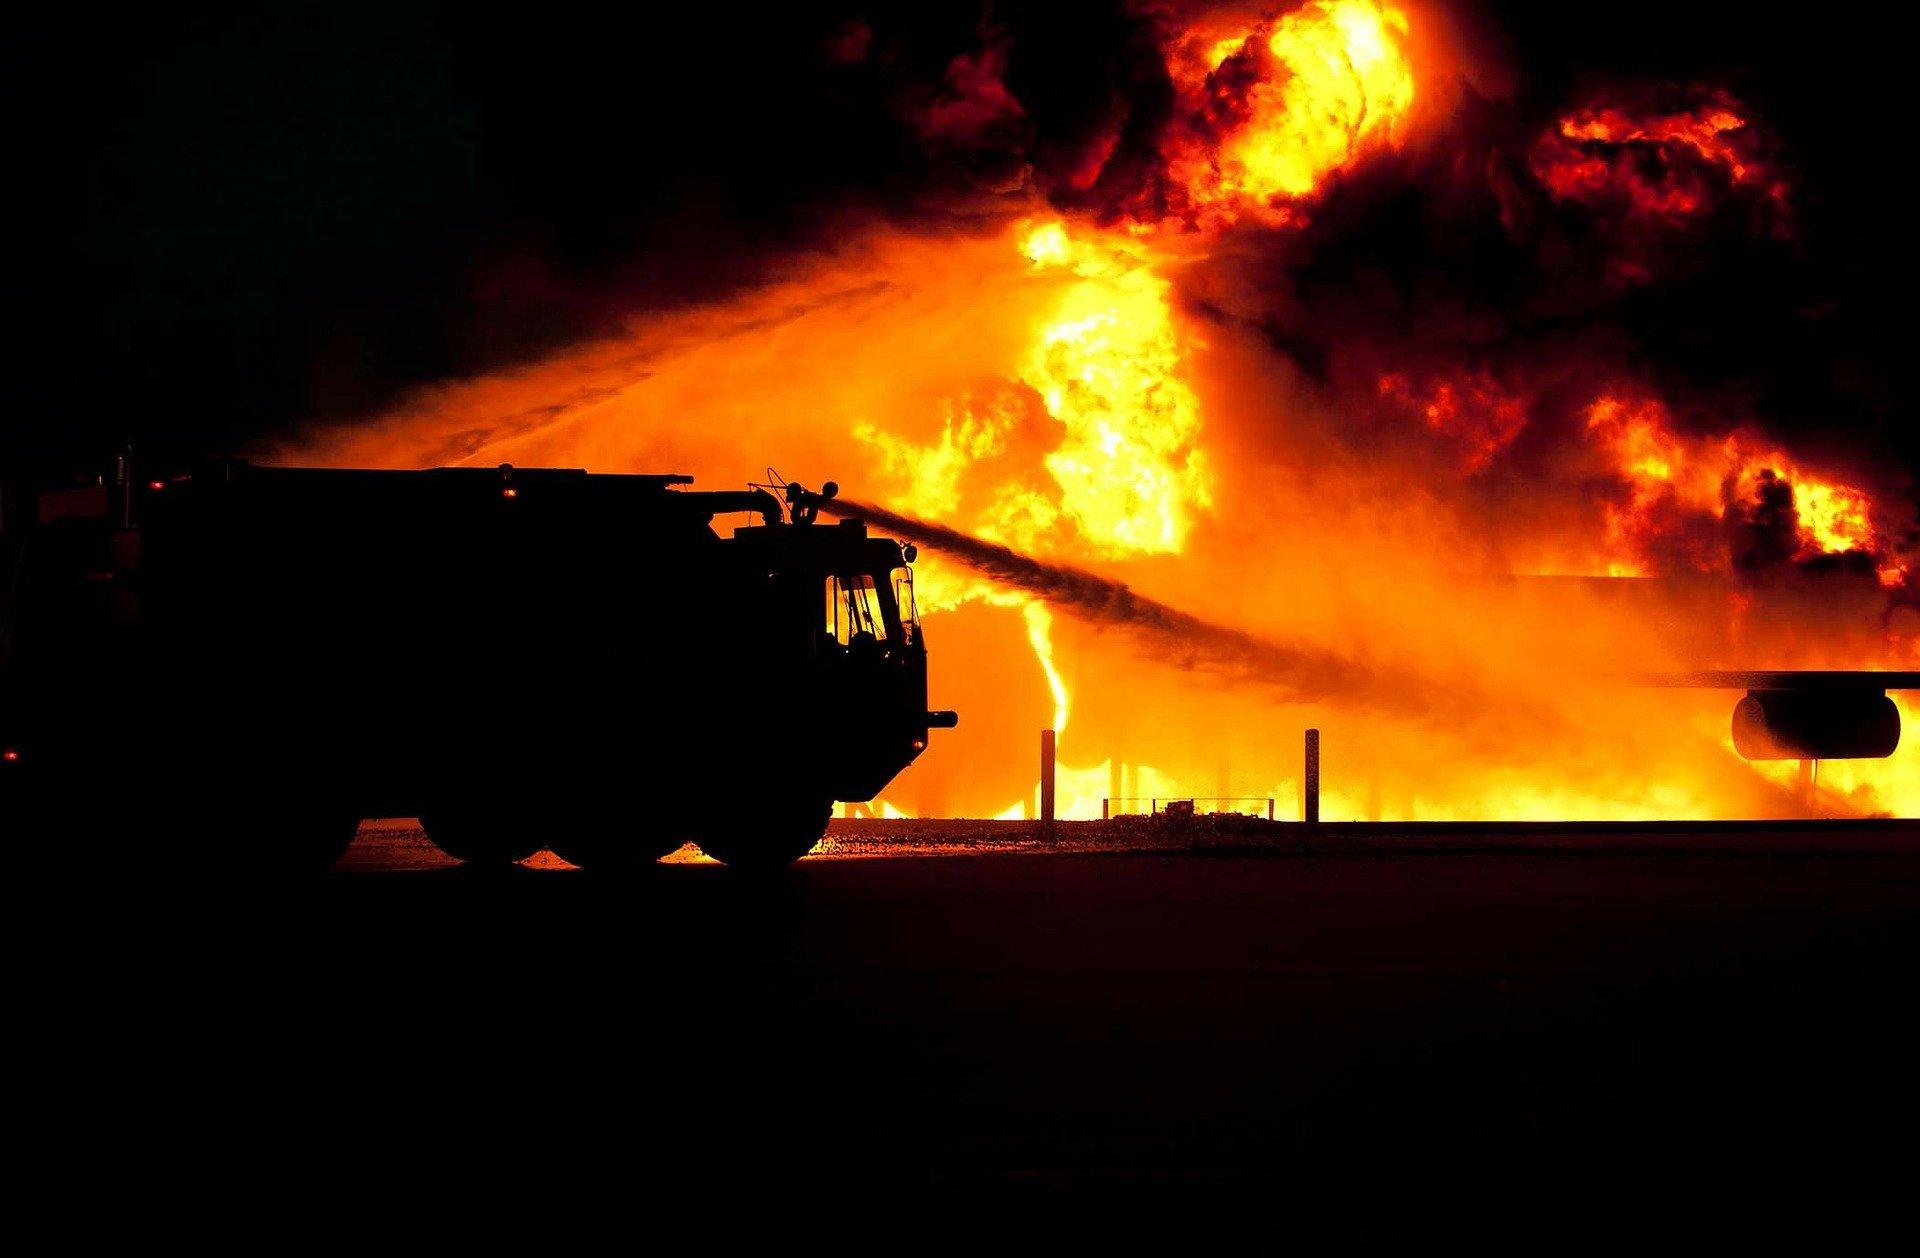 Cztery osoby zginęły w pożarze hospicjum w Chojnicach. Burmistrz ogłosił dwudniową żałobę